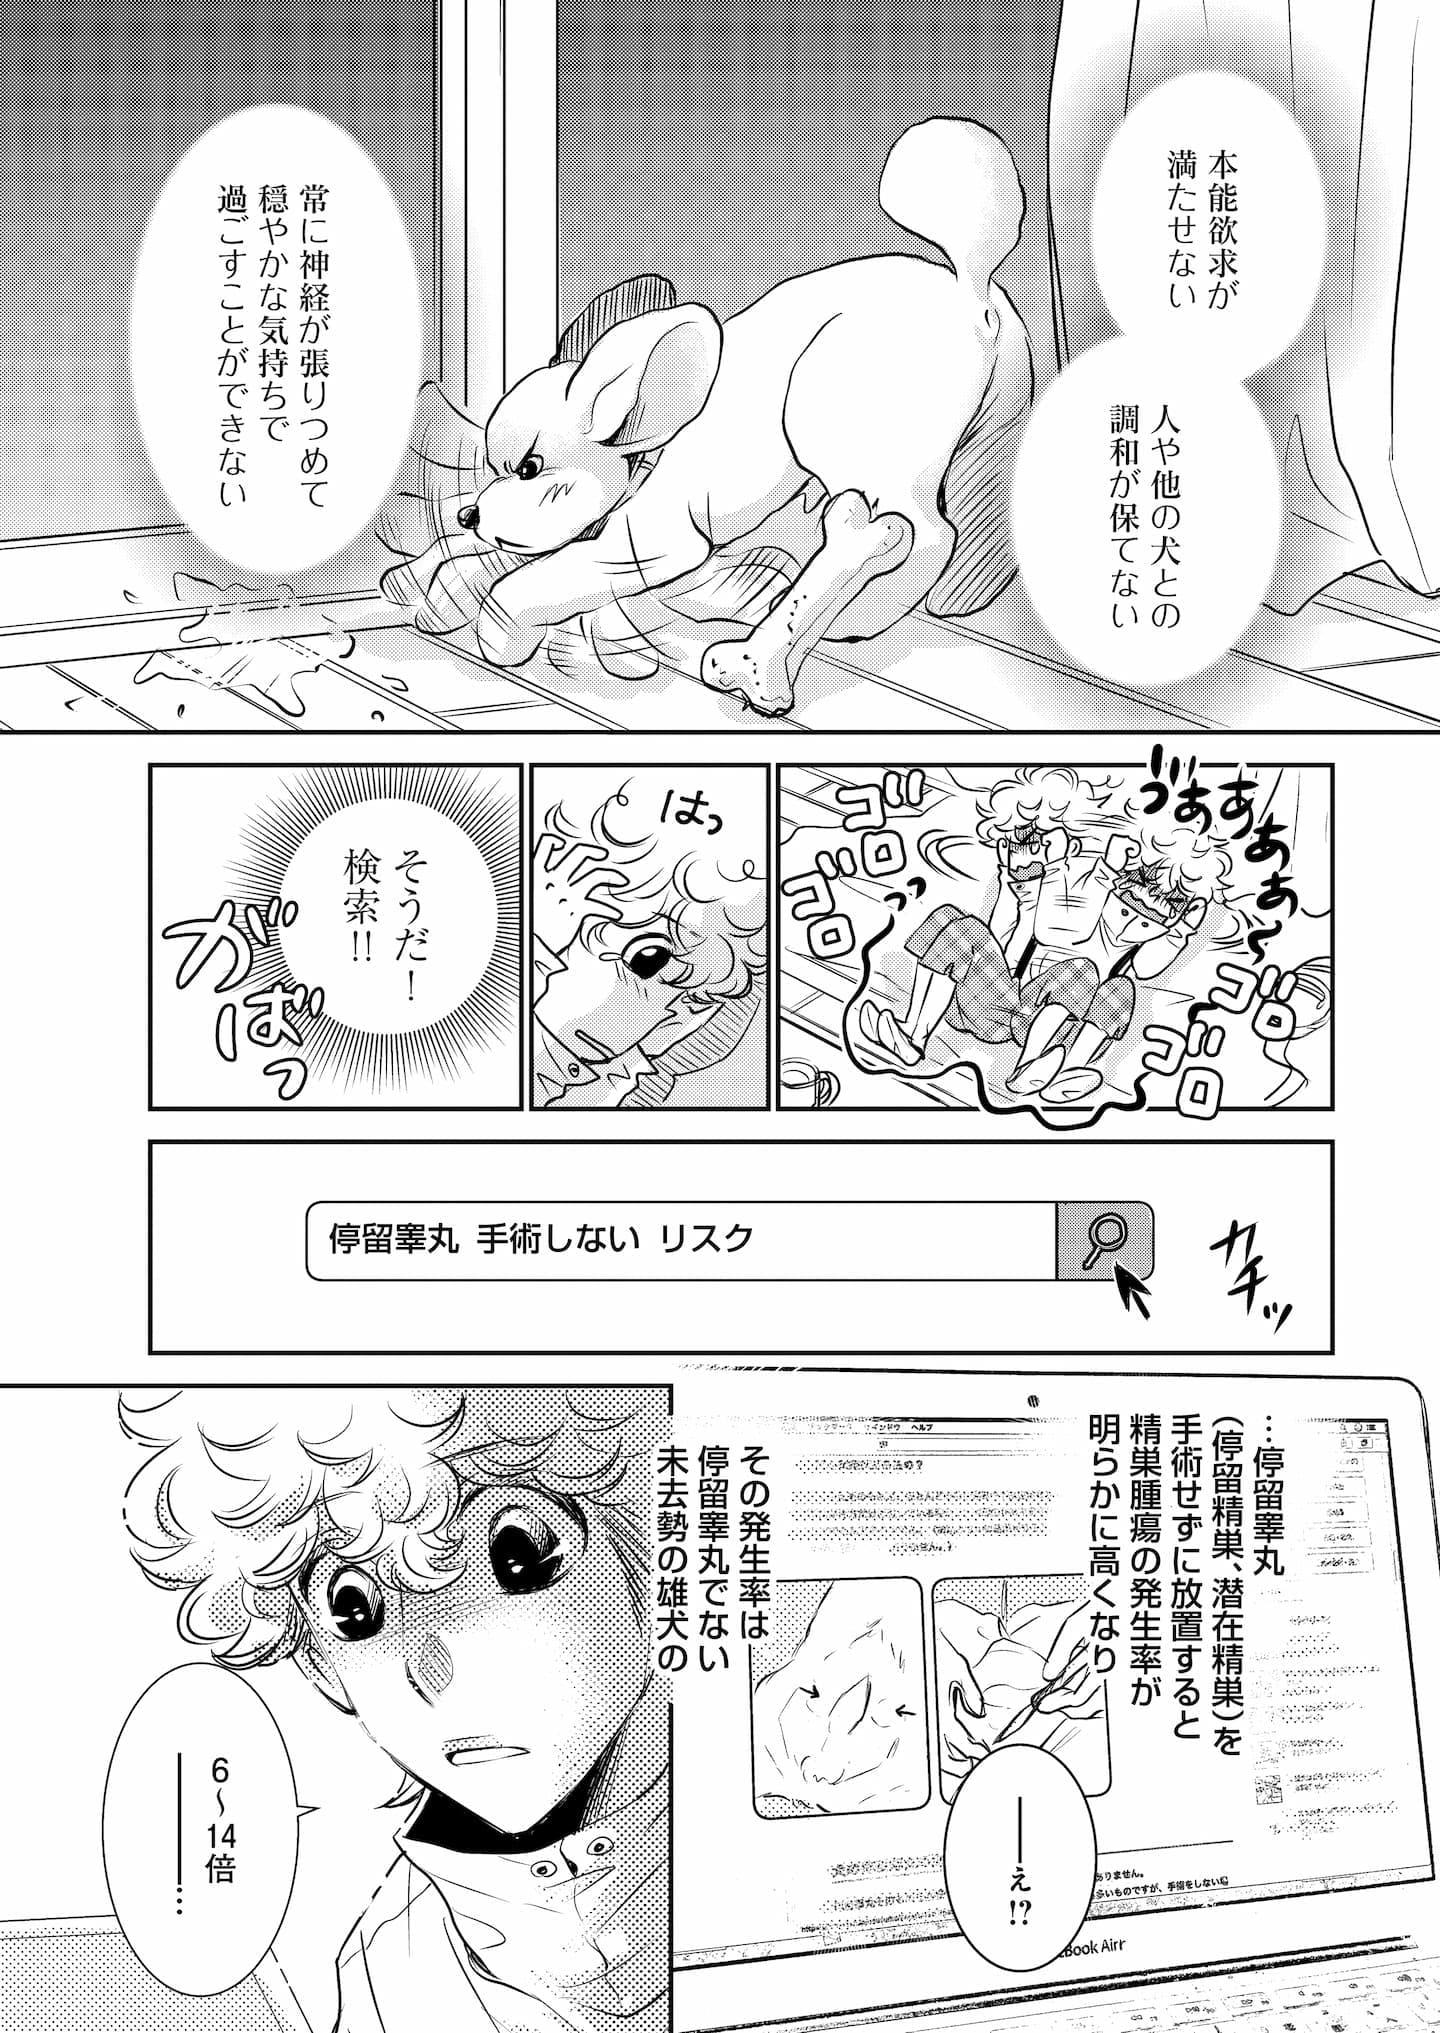 『DOG SIGNAL』6話目③ 4ページ目